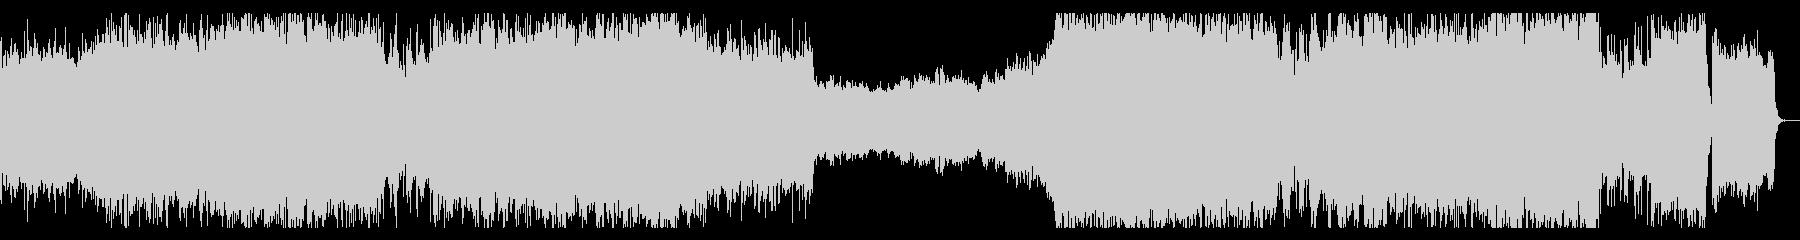 アドレナリン滾るフルオーケストラBGMの未再生の波形